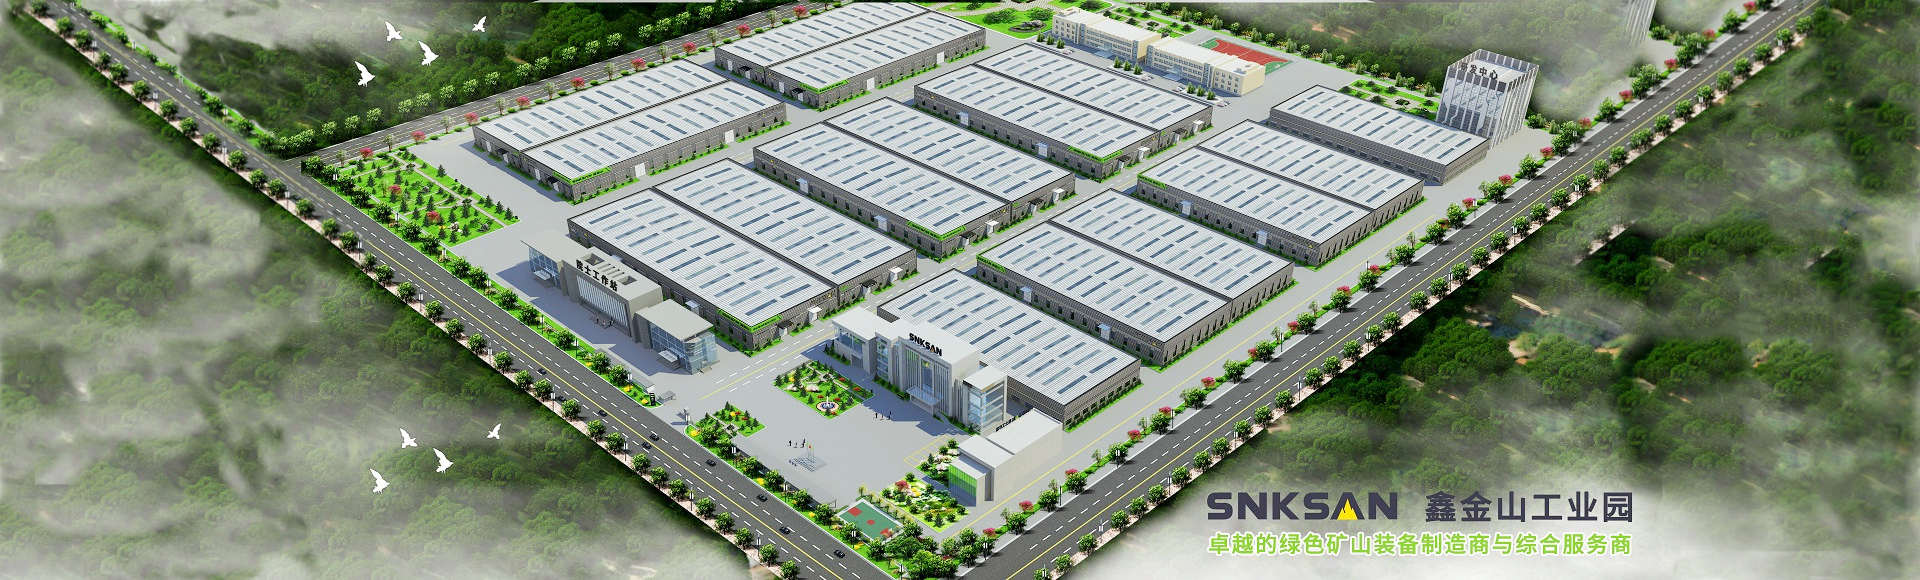 枣庄鑫金山智能装备有限公司绿色矿山装备制造商与综合服务商